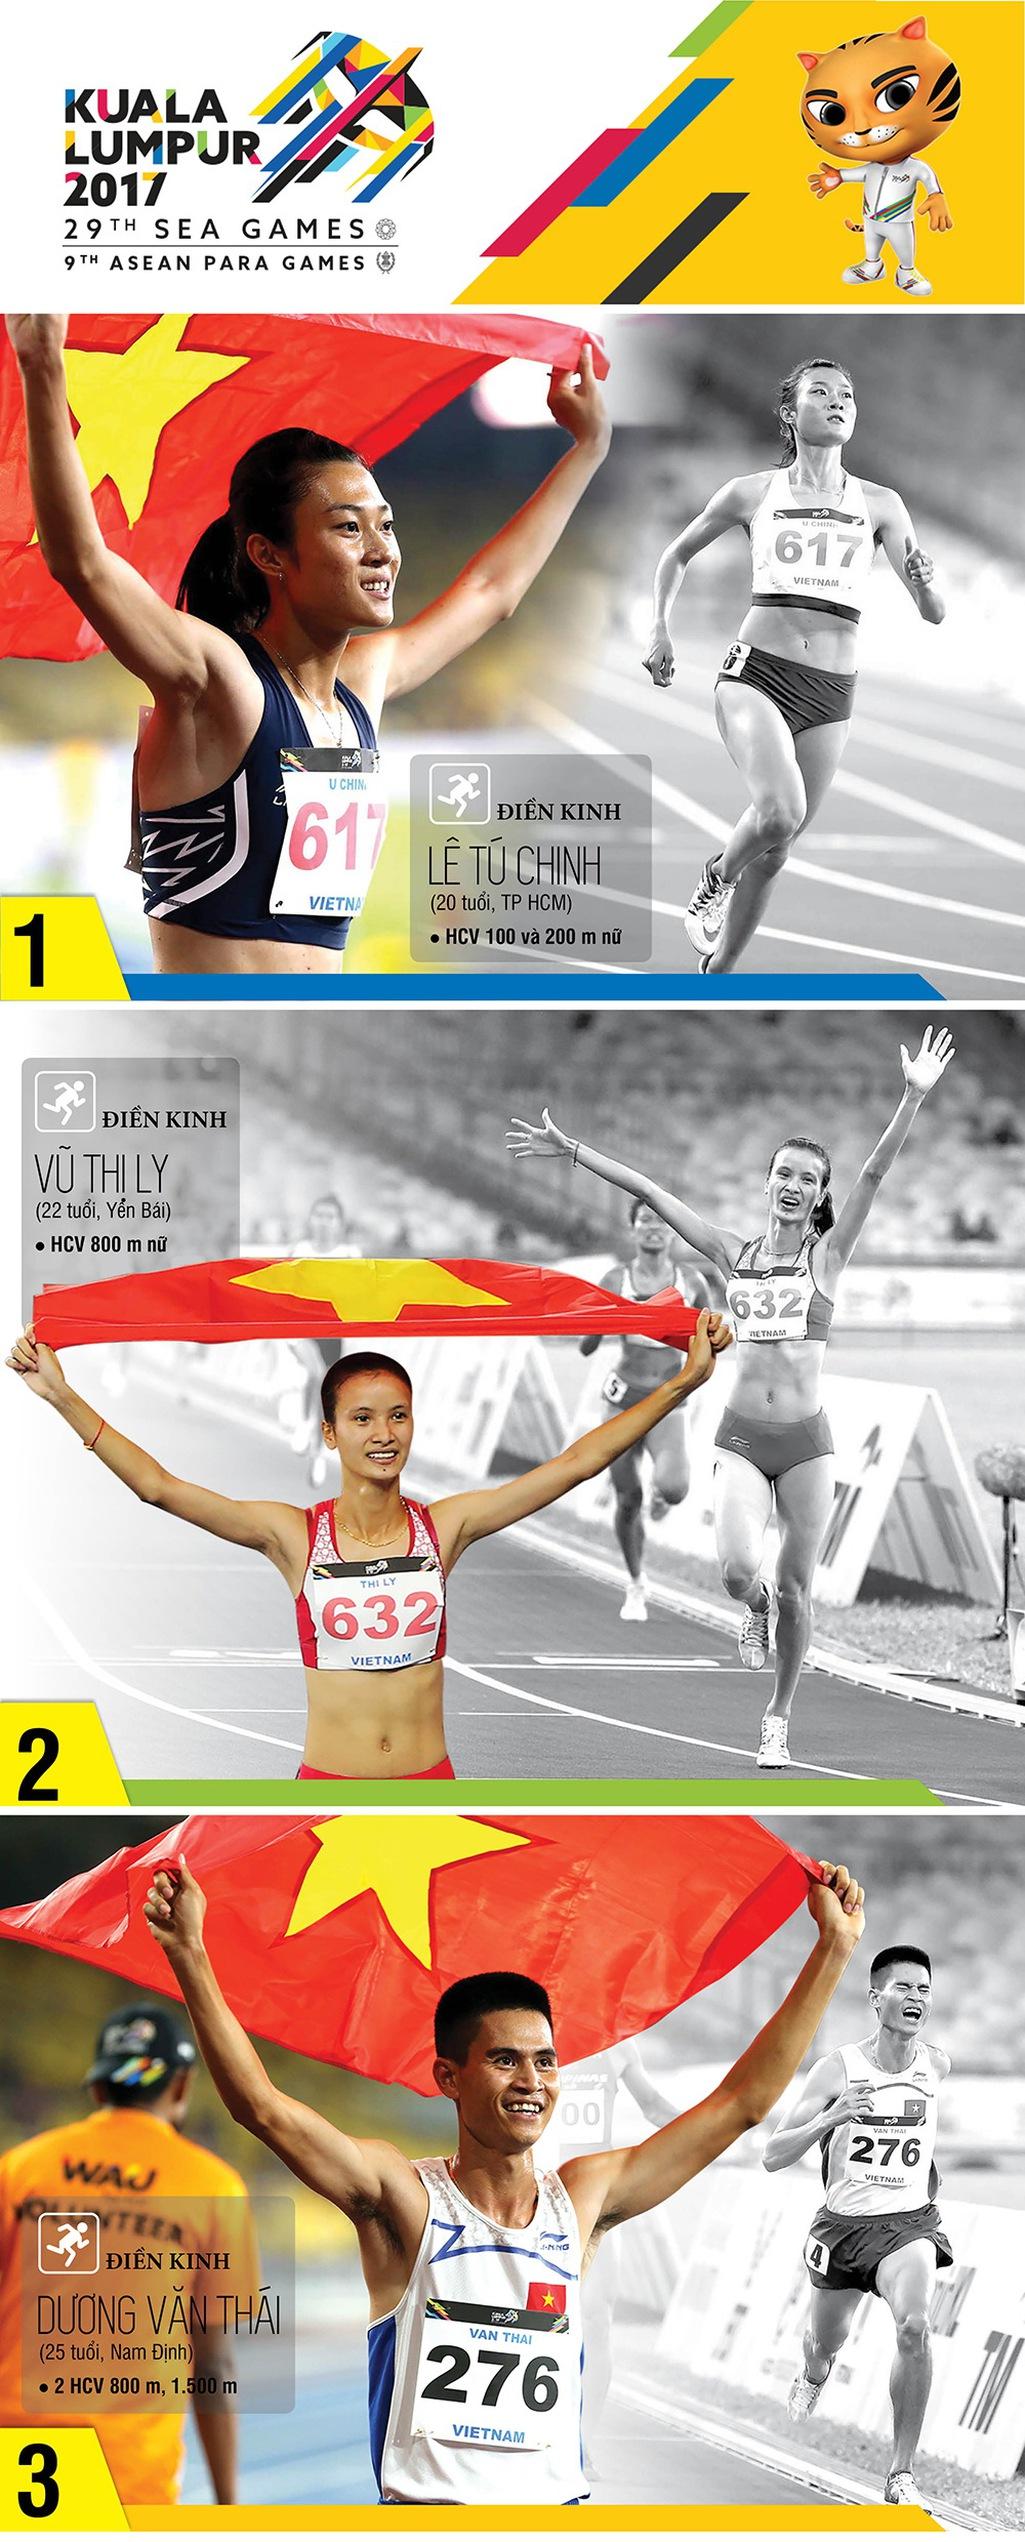 Rạng danh Việt Nam tại đấu trường SEA Games 29 - Ảnh 1.